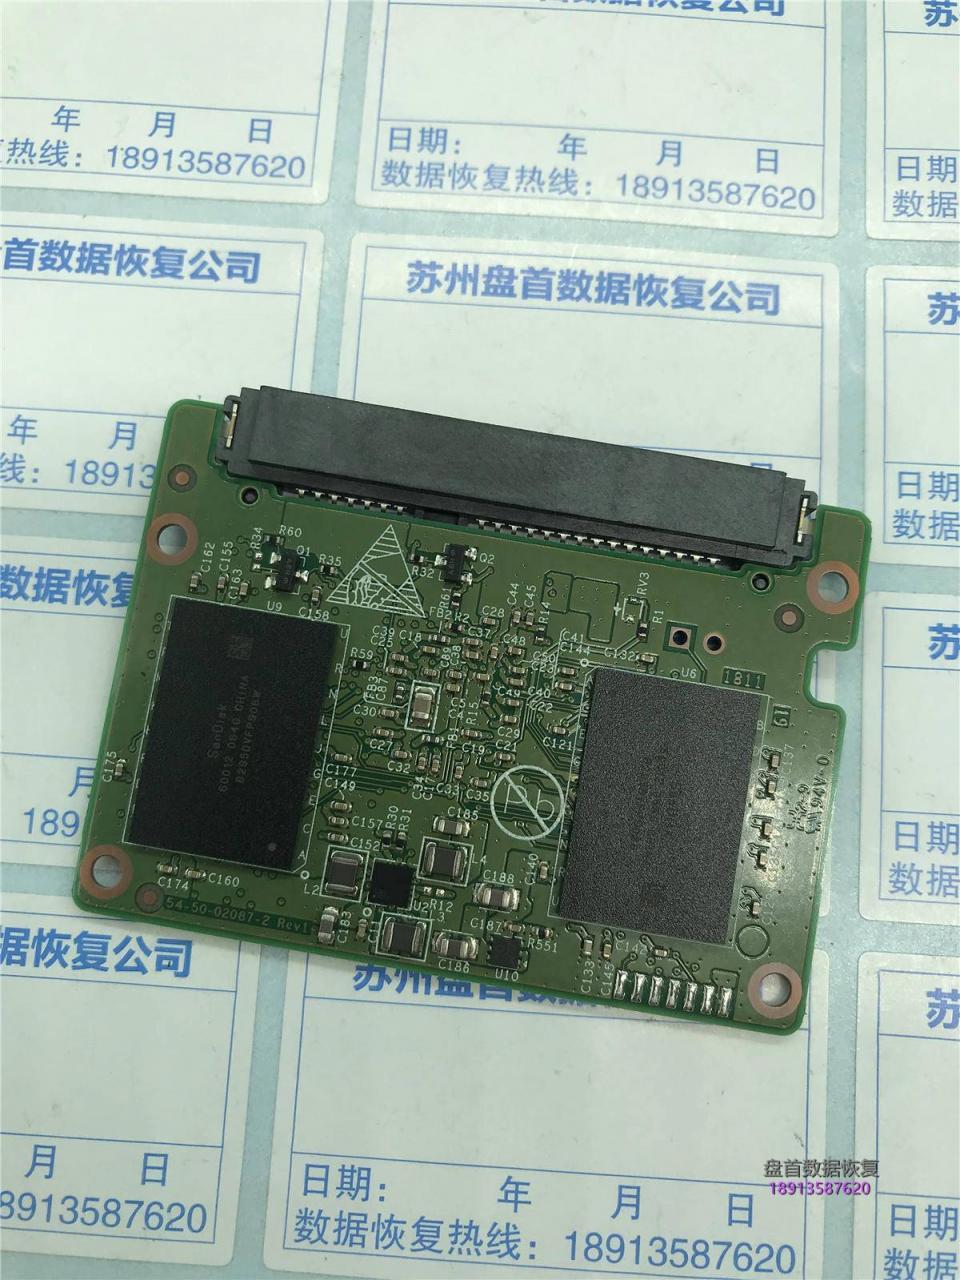 西数固态WDS240G2G0A-00JH30识别不到SSD数据恢复成功